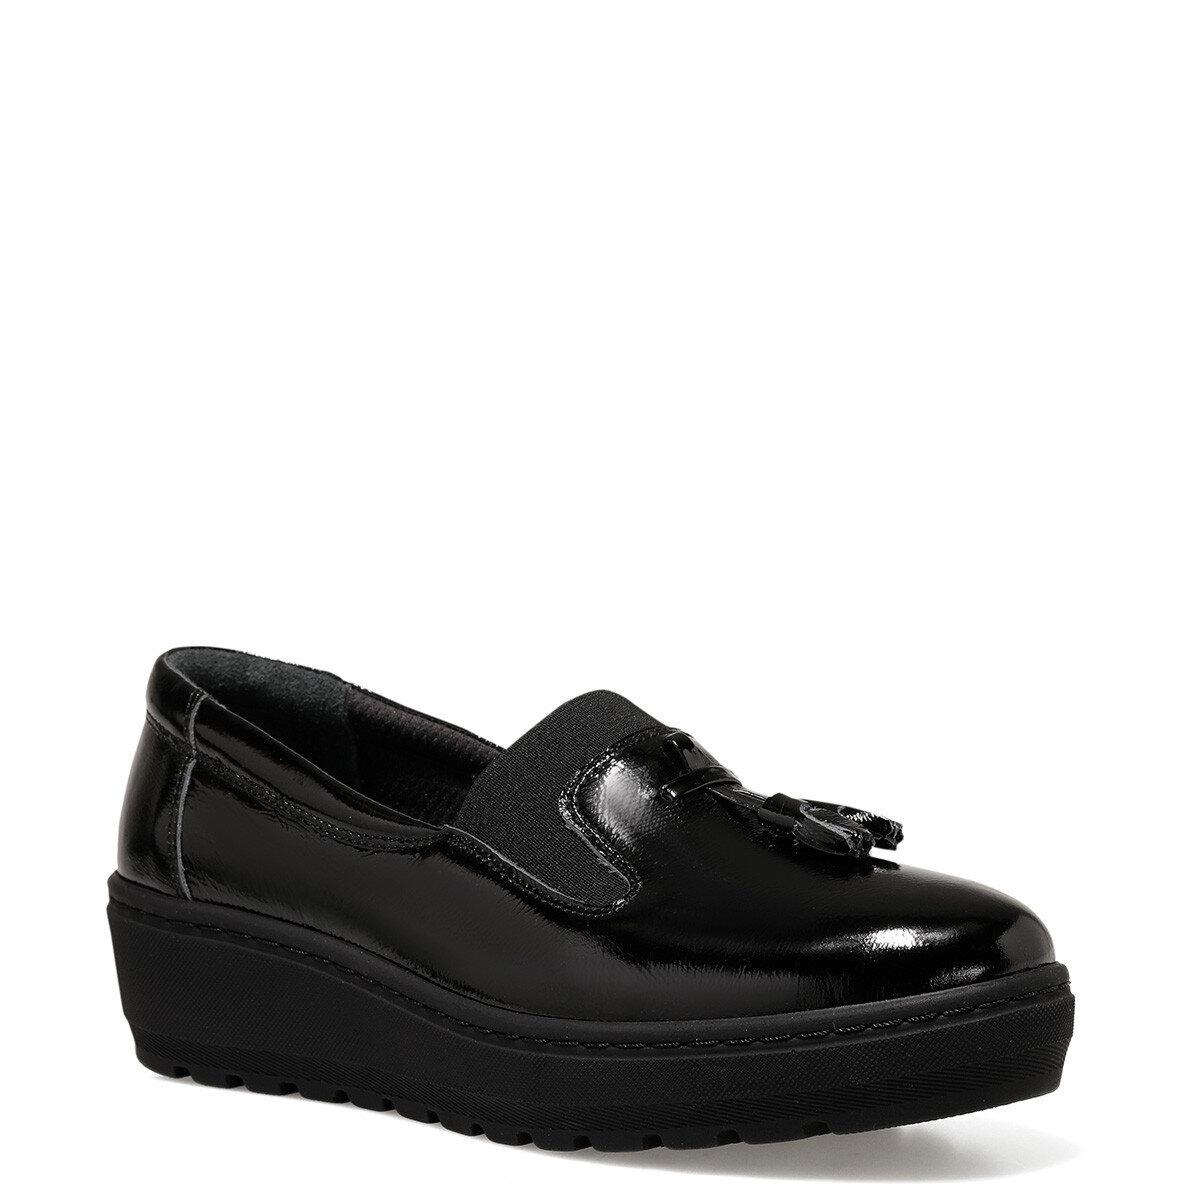 MOSLI Siyah Kadın Loafer Ayakkabı